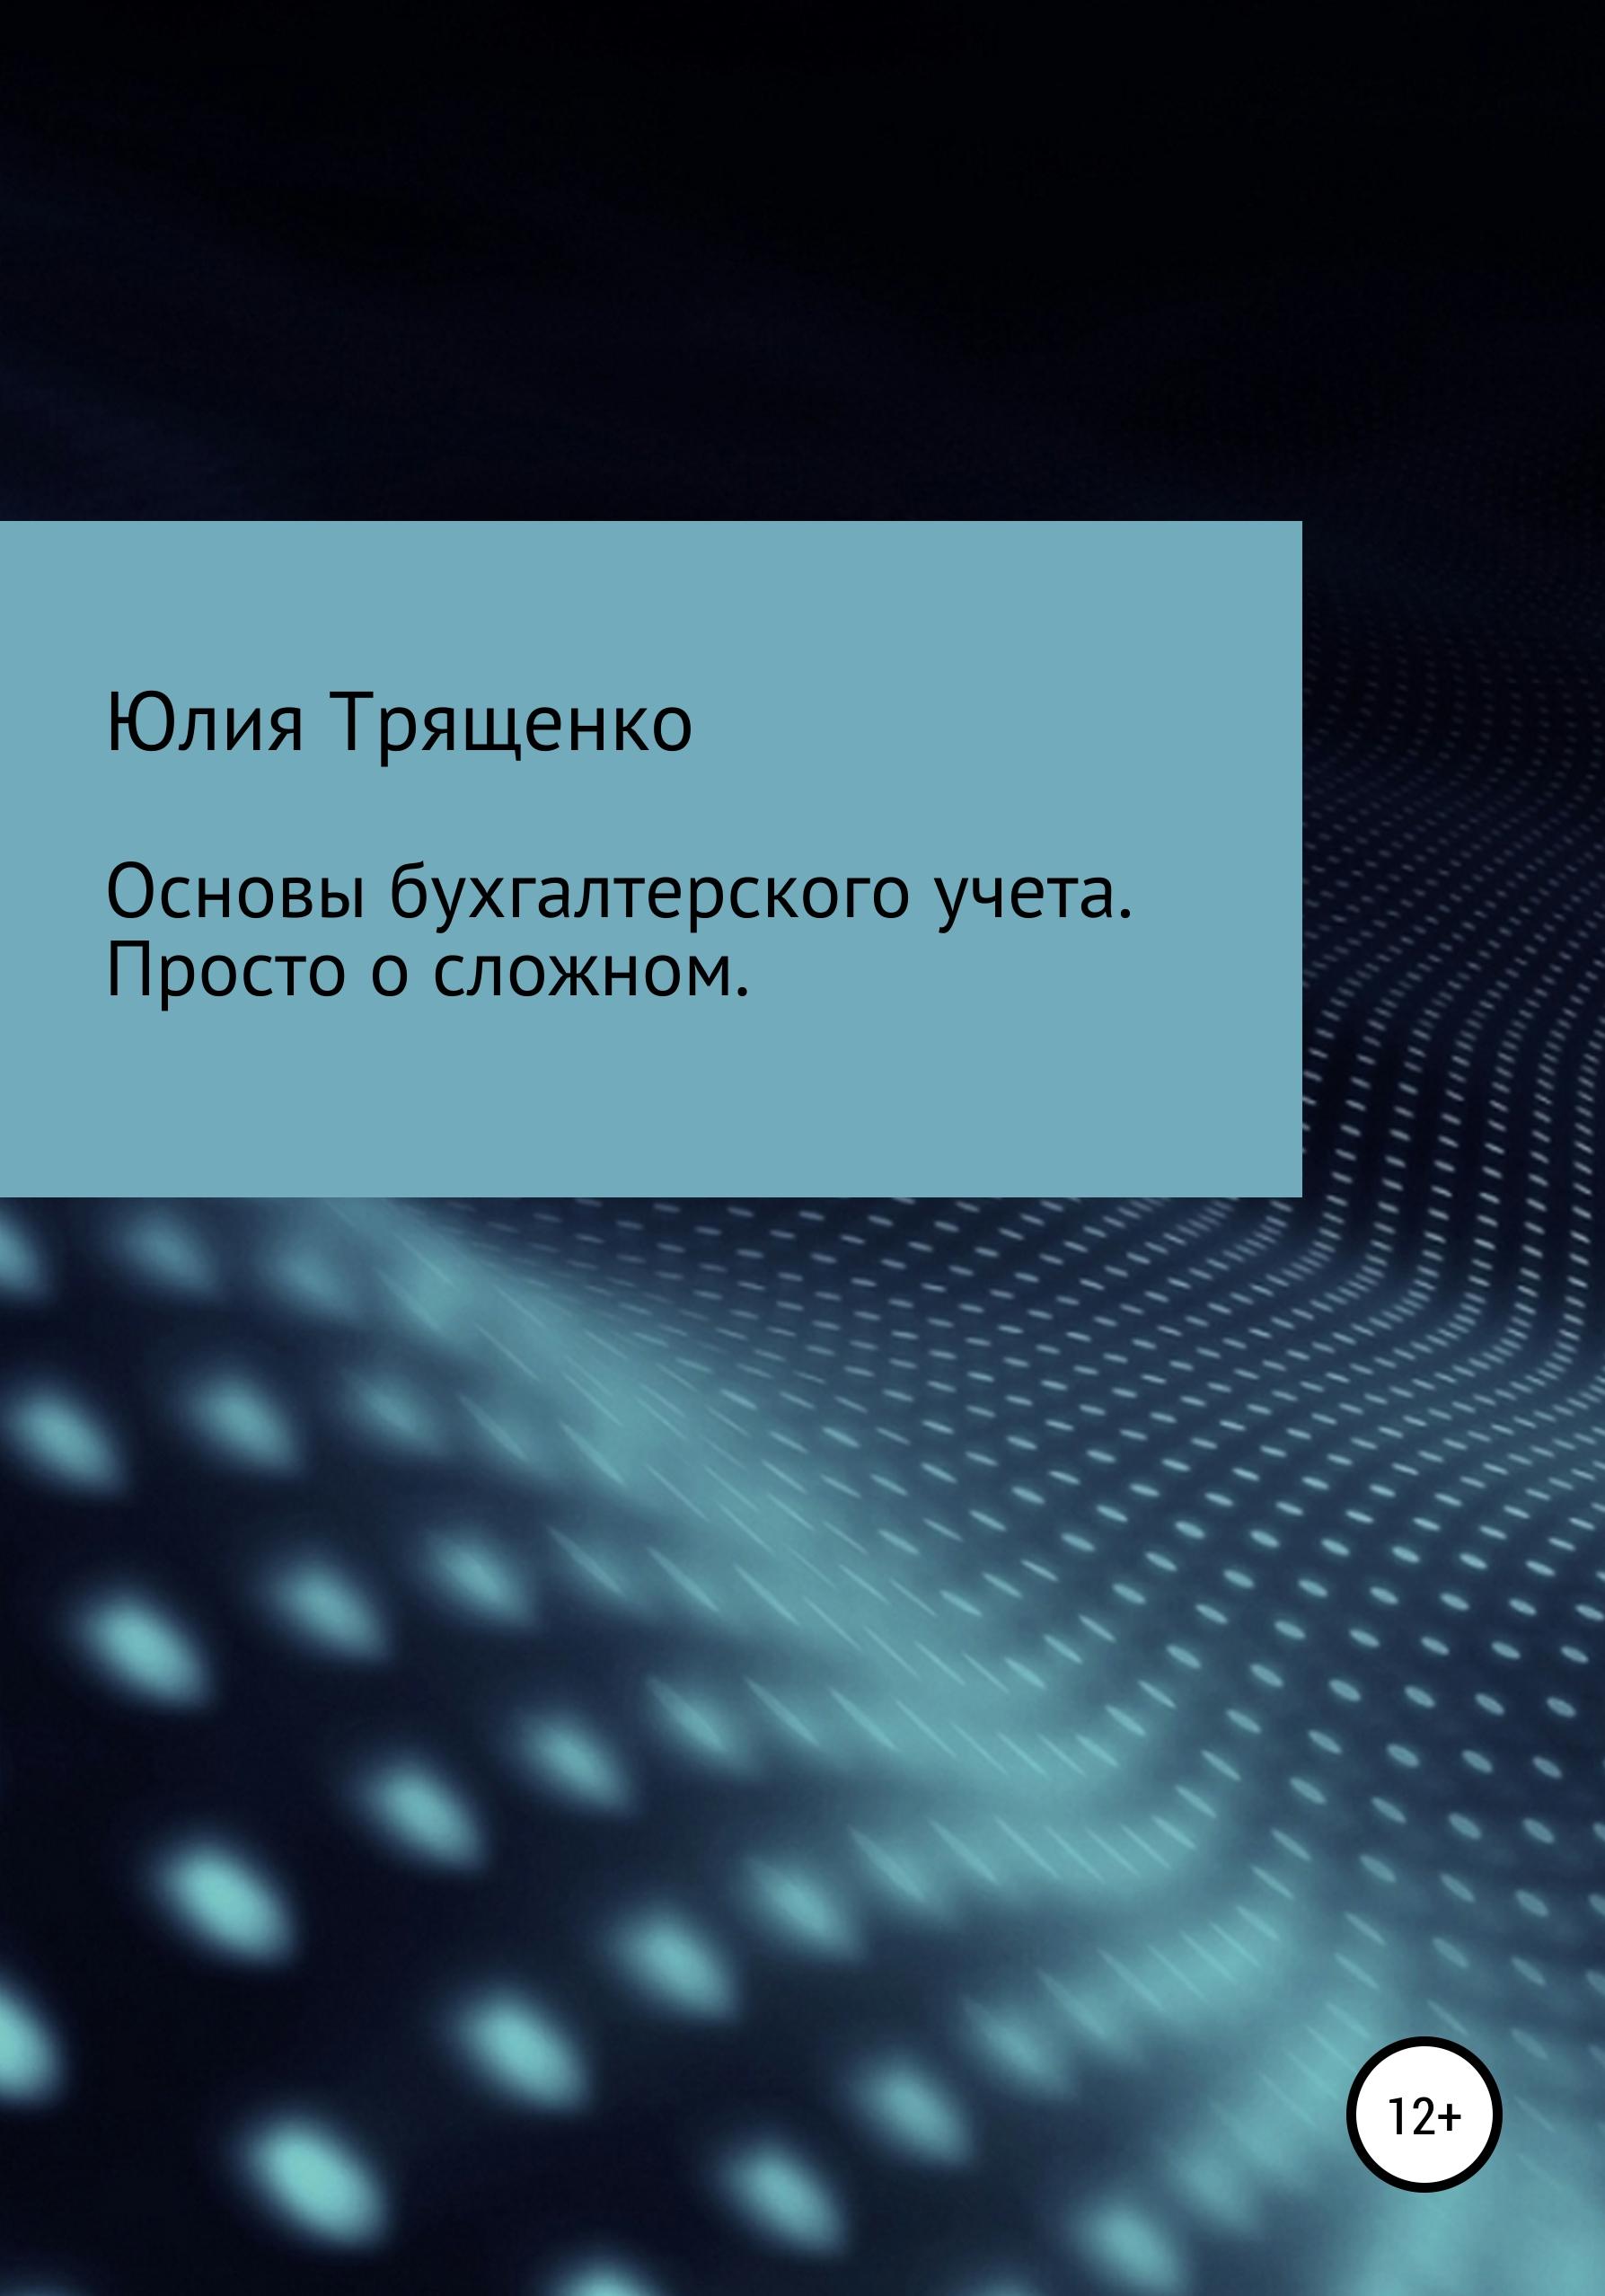 Юлия Трященко - Основы бухгалтерского учета. Просто о сложном